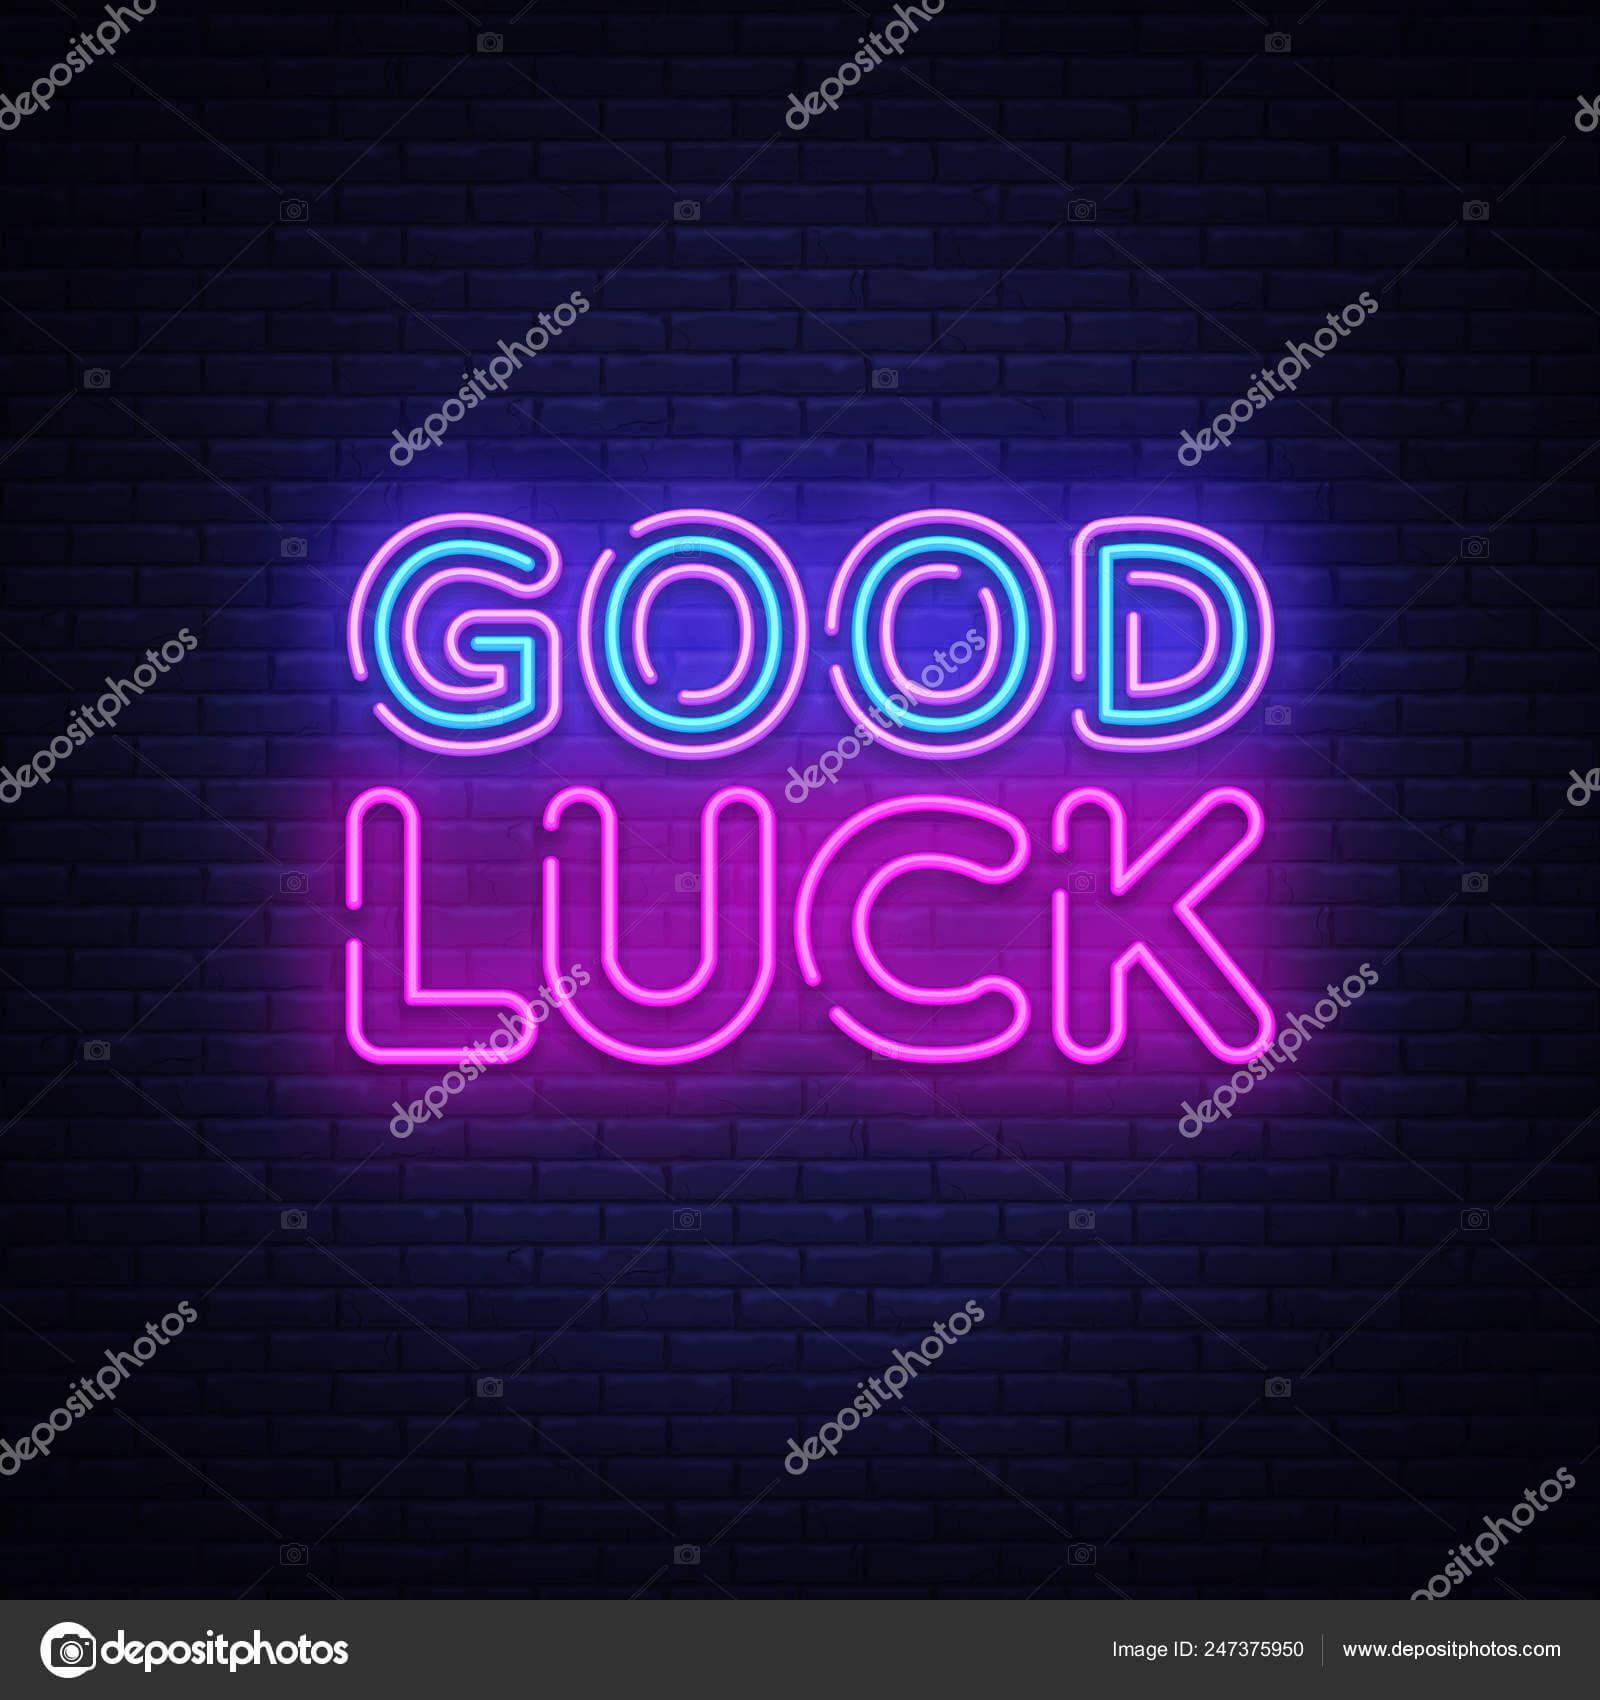 Good Luck Neon Sign Vector. Good Luck Design Template Neon Regarding Good Luck Banner Template